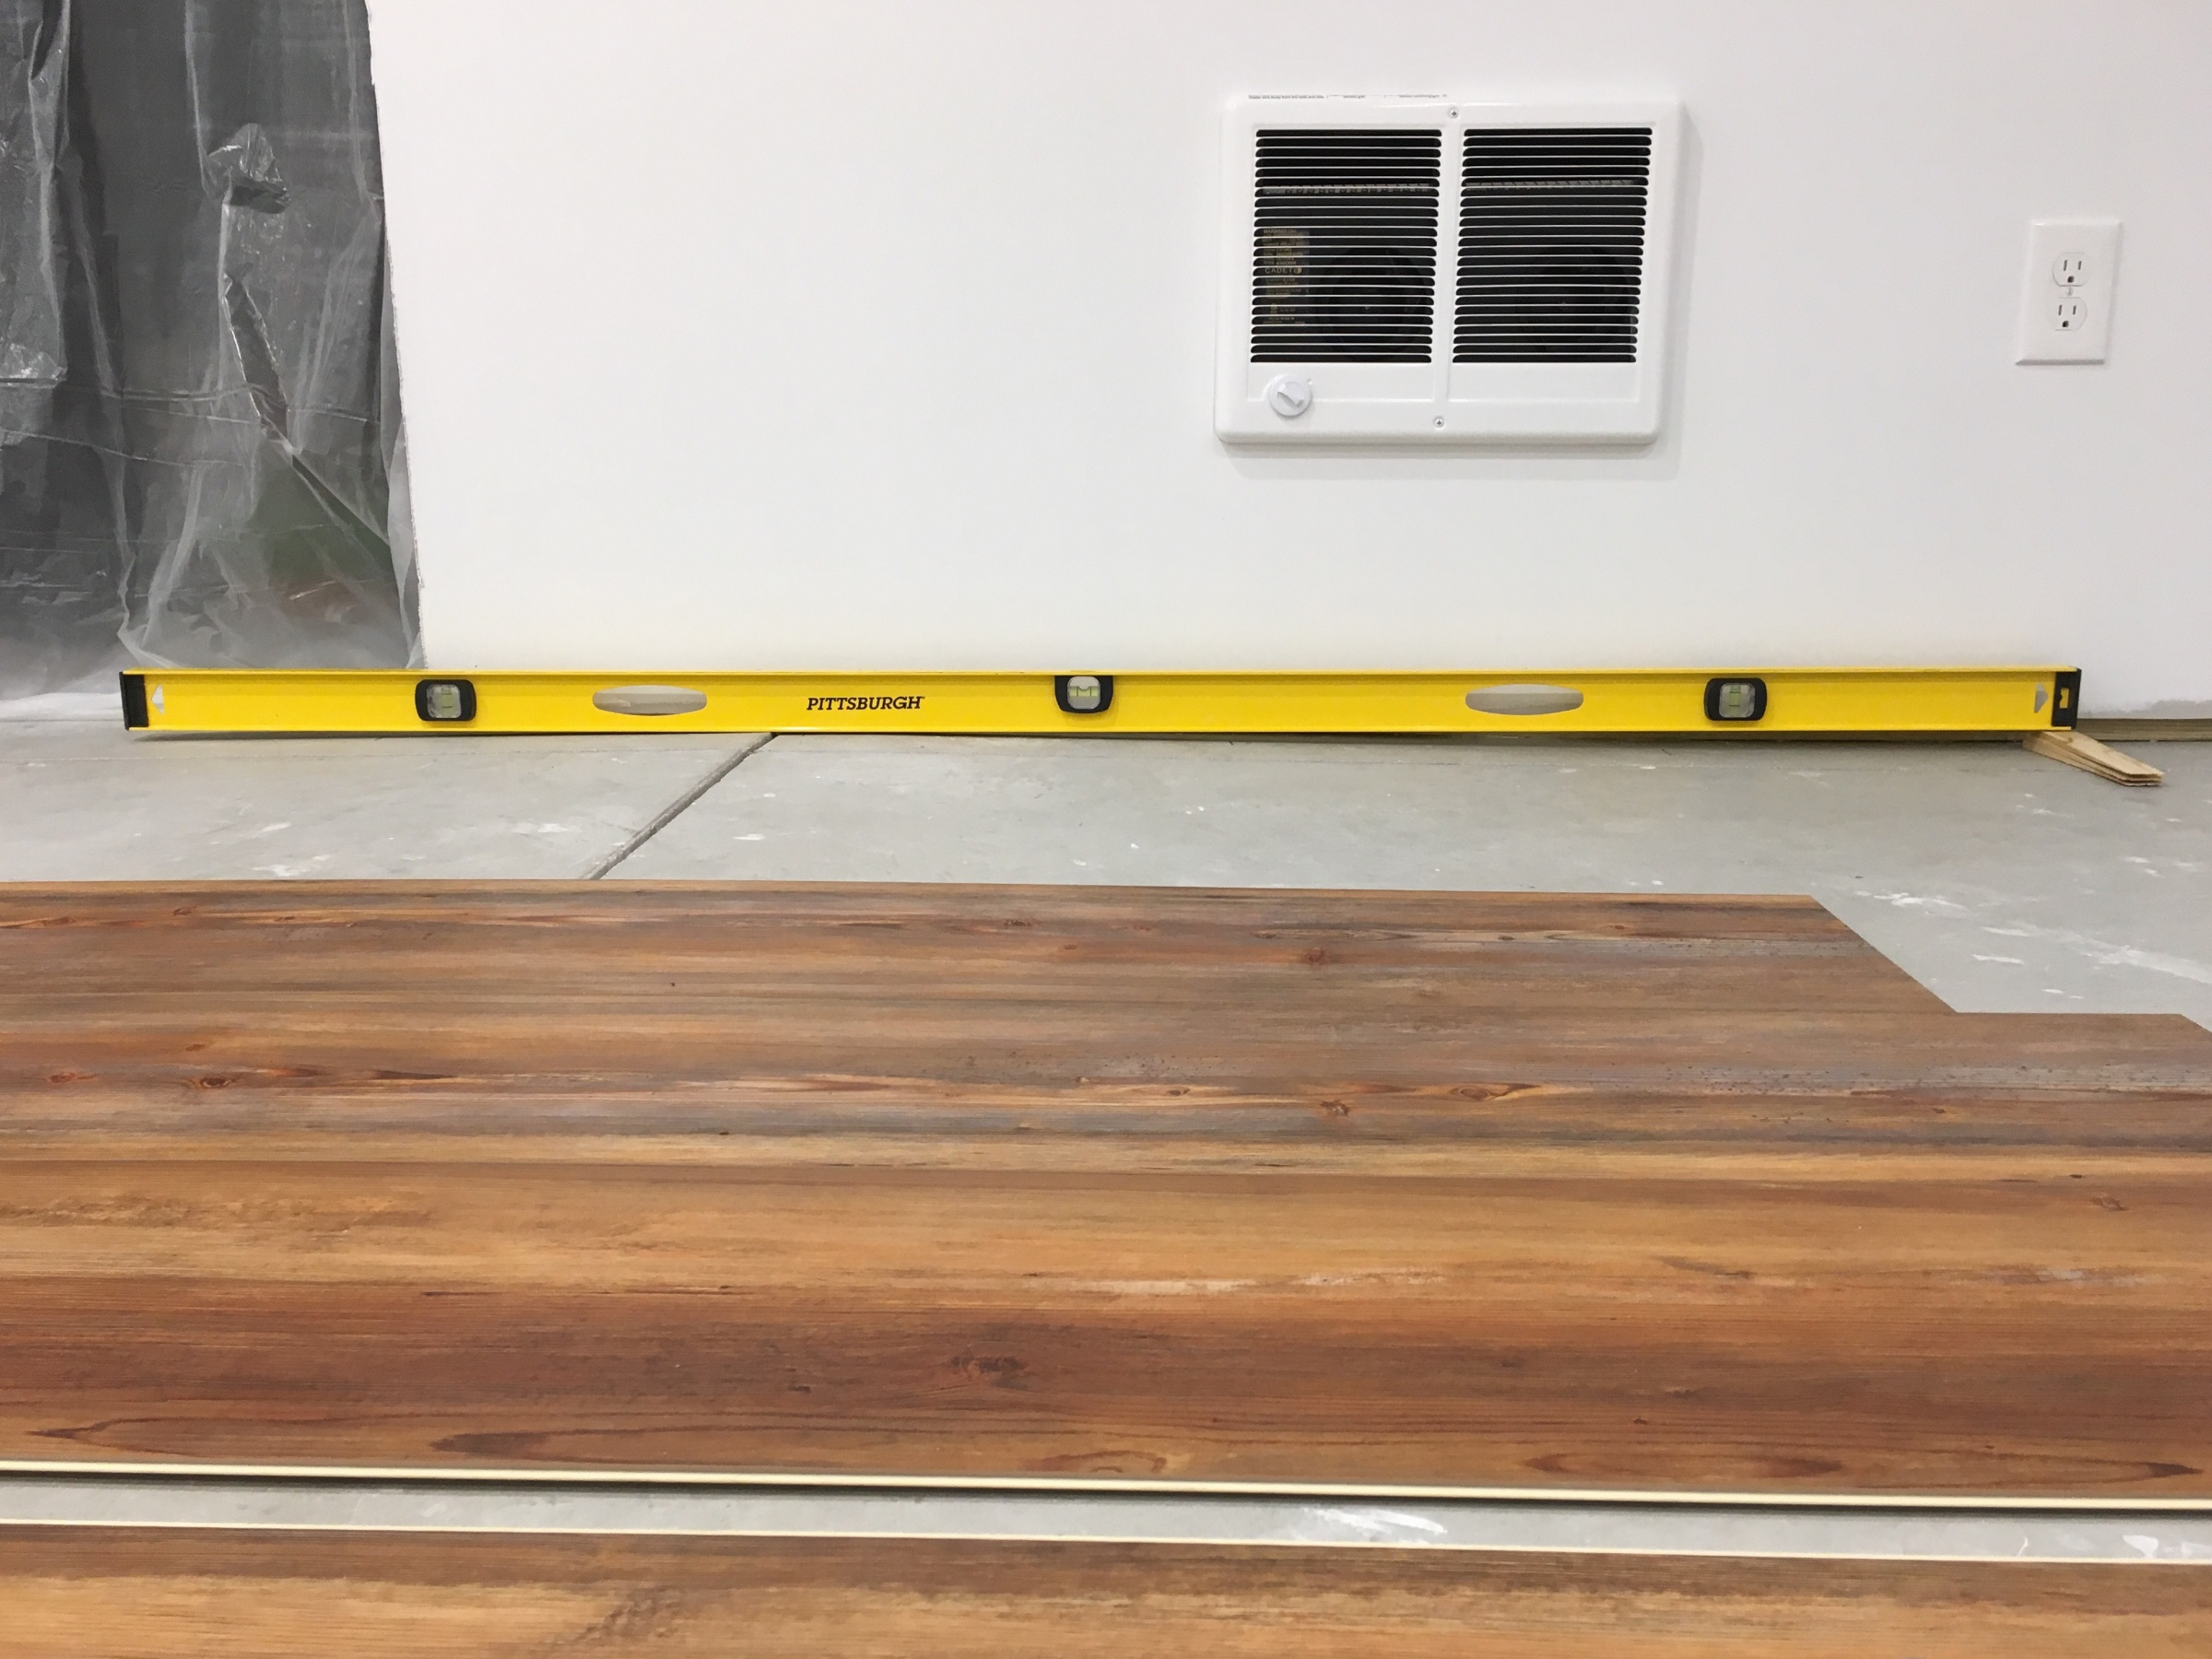 LVP on uneven basement floor?-img_2383.jpg